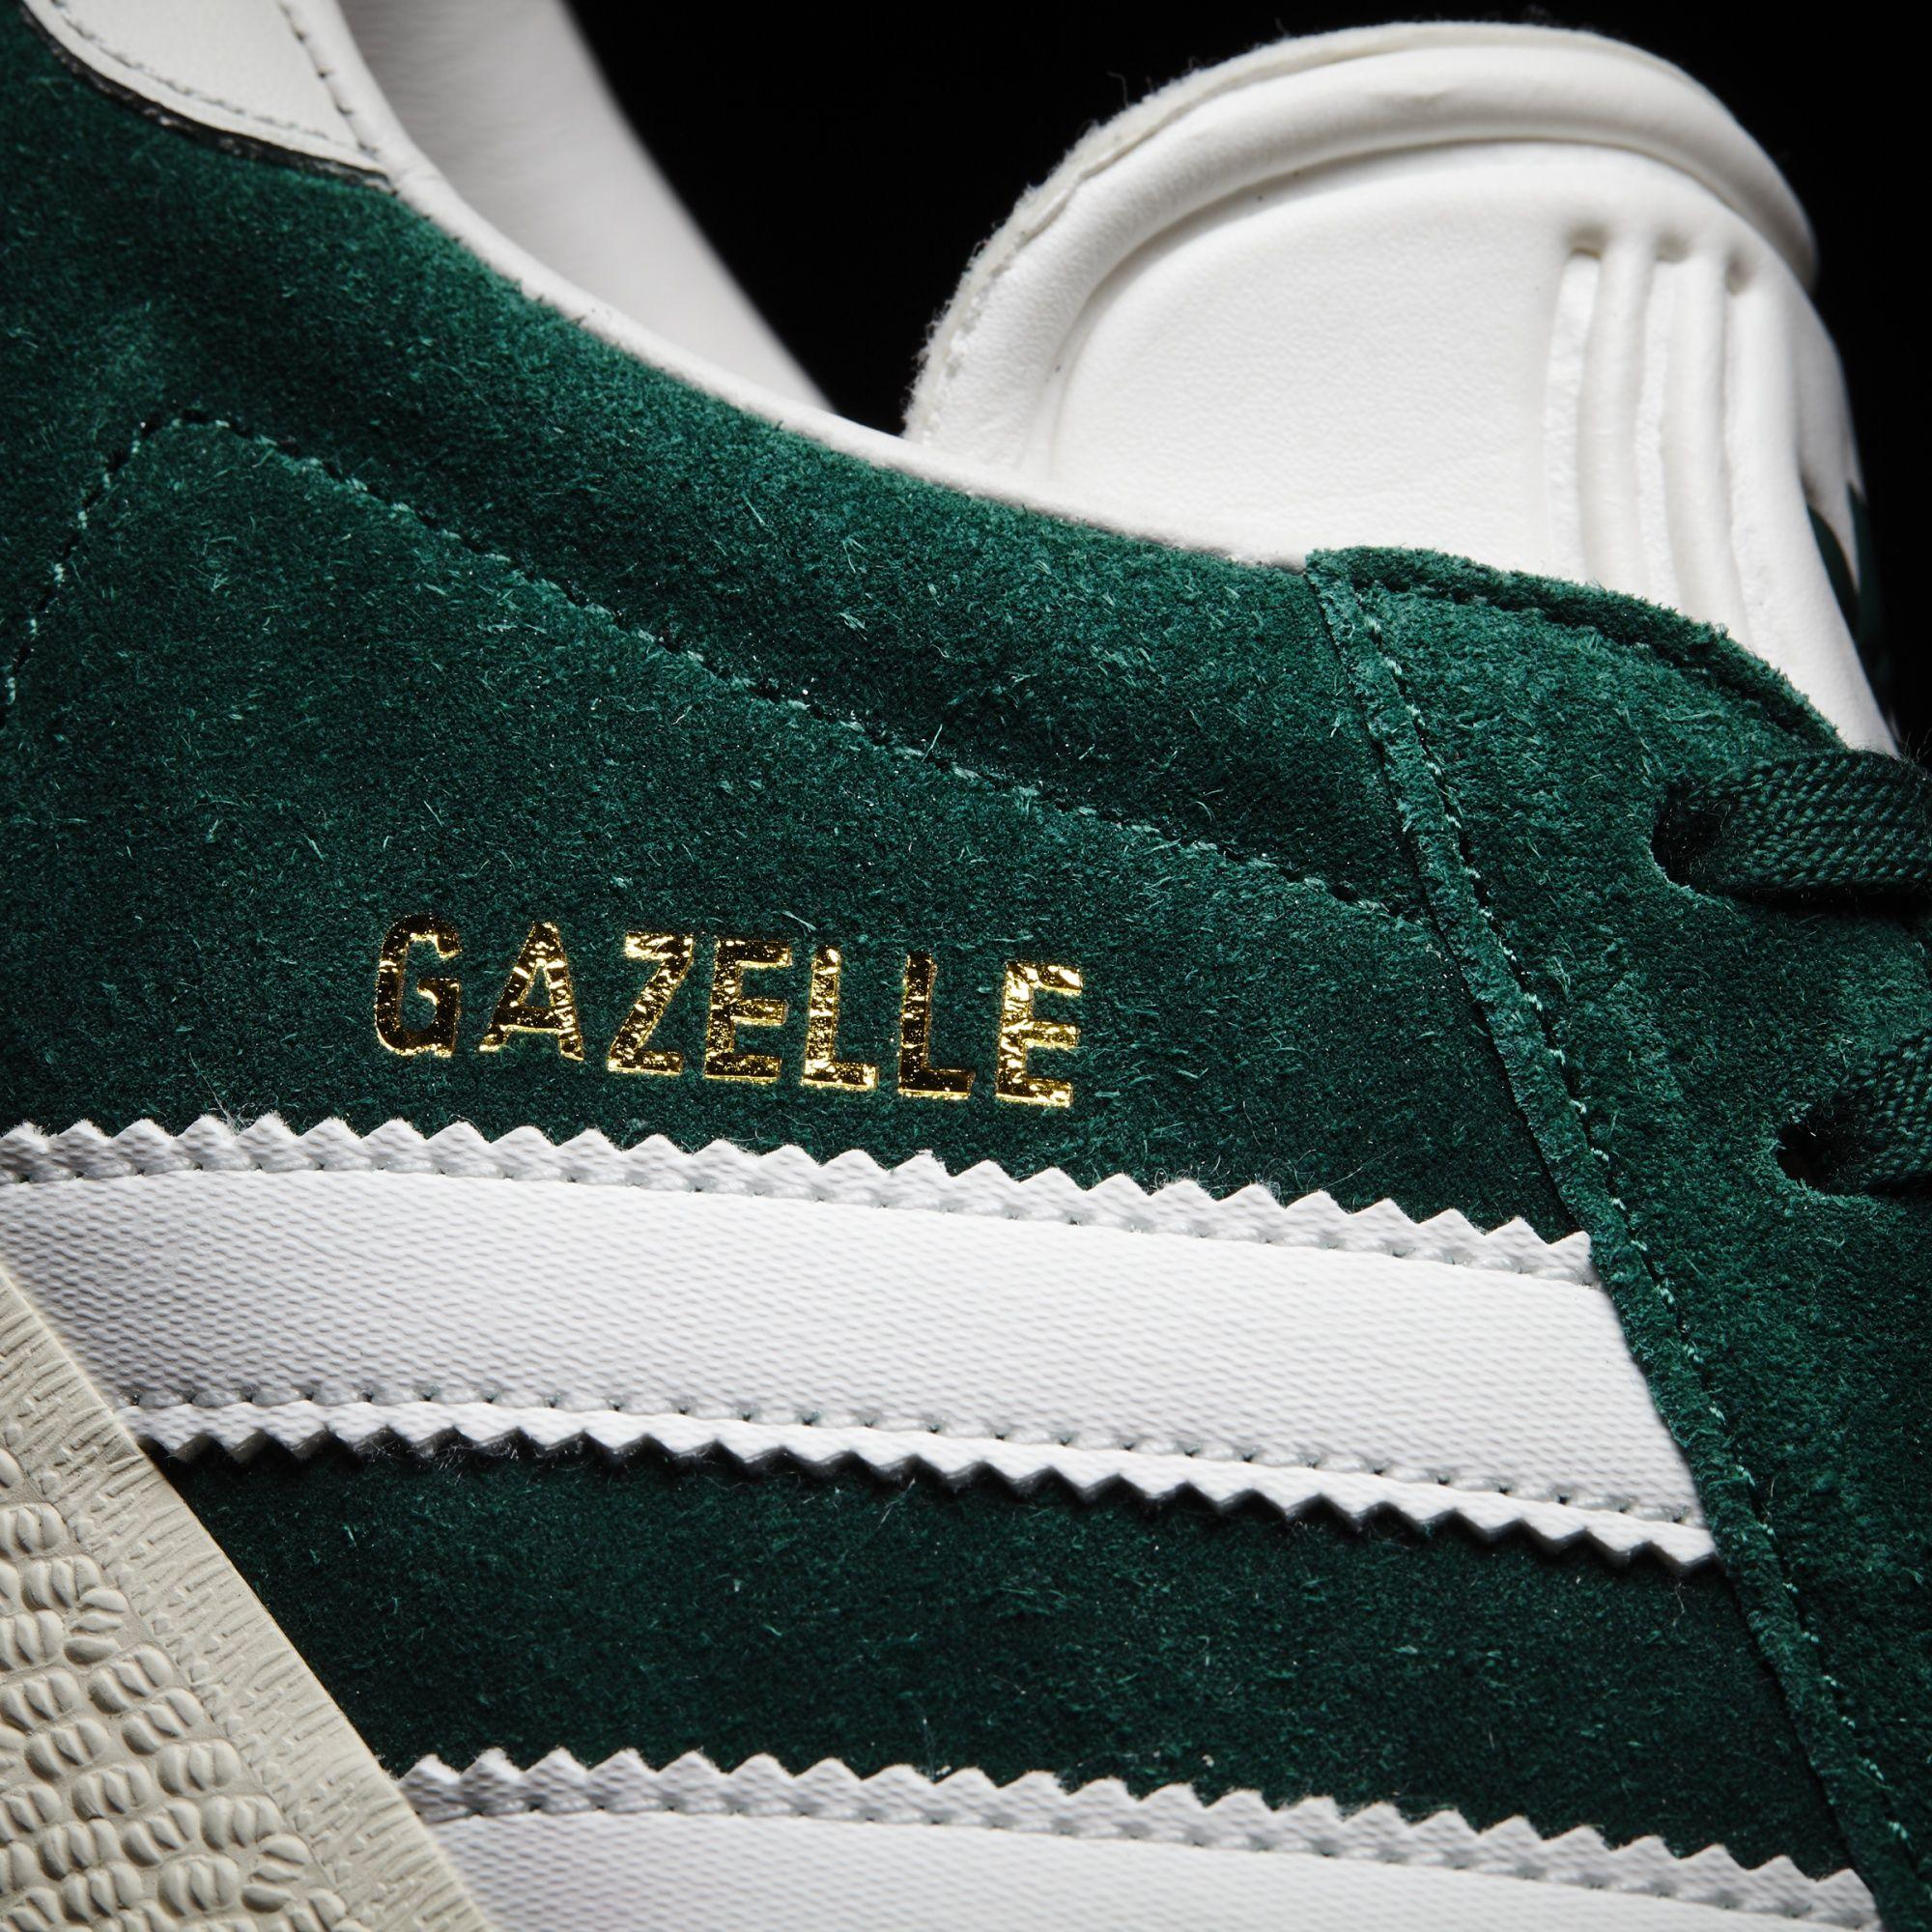 meilleure sélection cb7f3 41df4 Adidas Gazelle : Les sneakers star de la rentrée pour homme ...